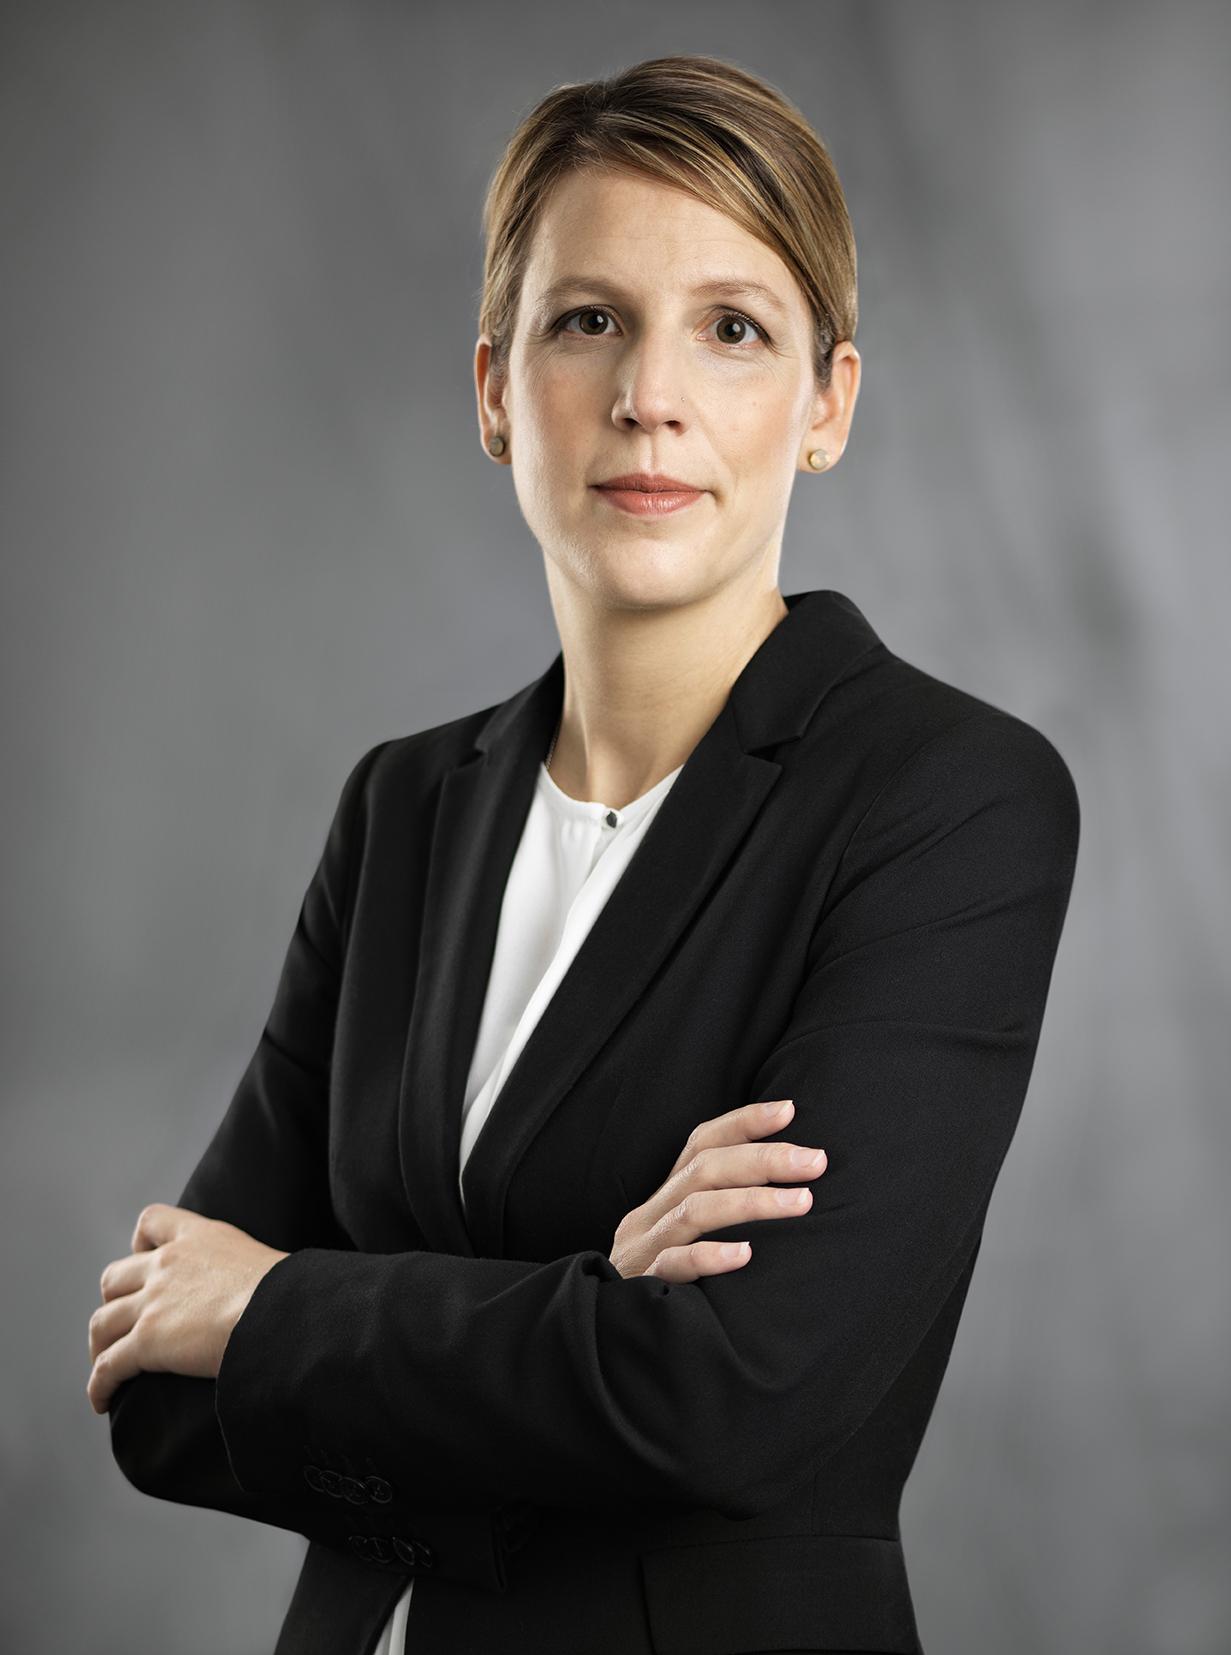 Stephanie Volz